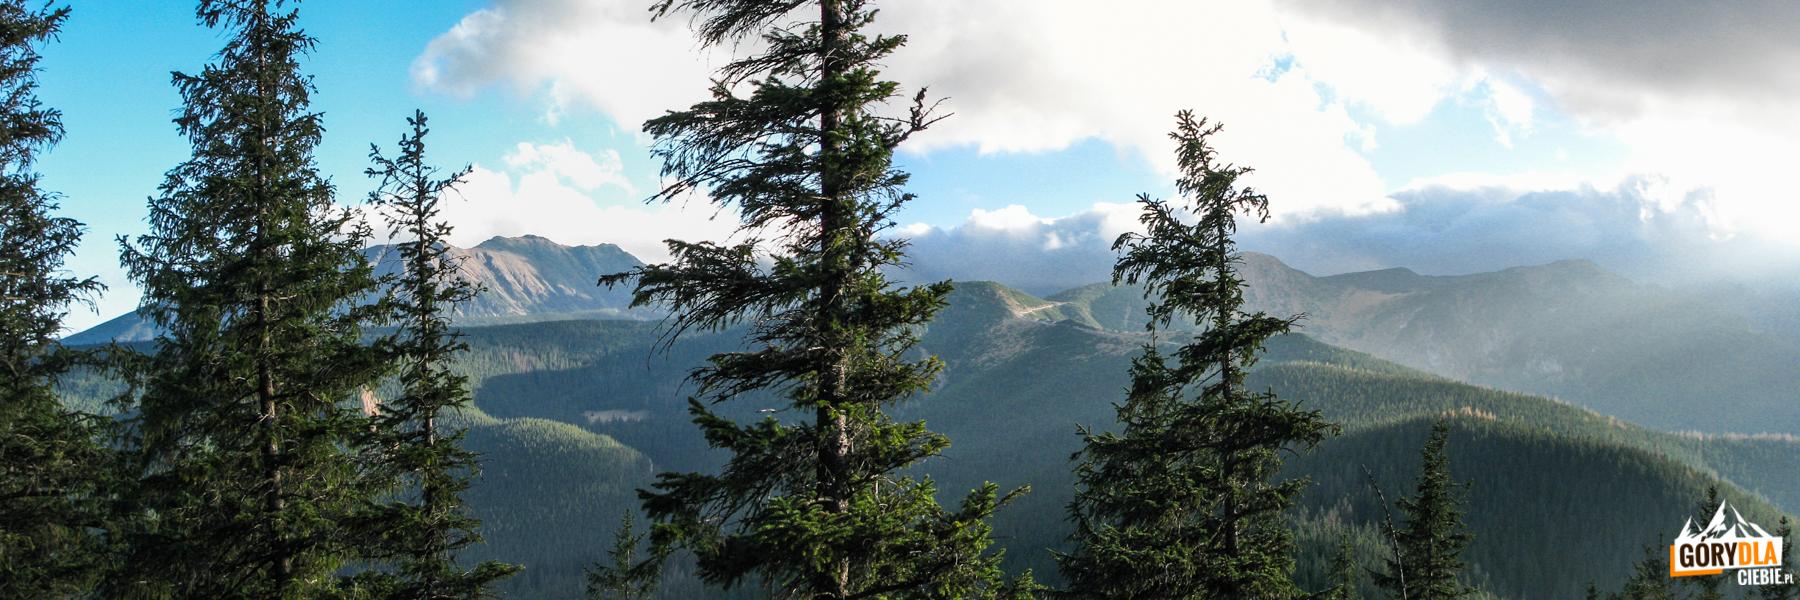 Widok zNosala (1203 m) wkierunku Kasprowego Wierchu